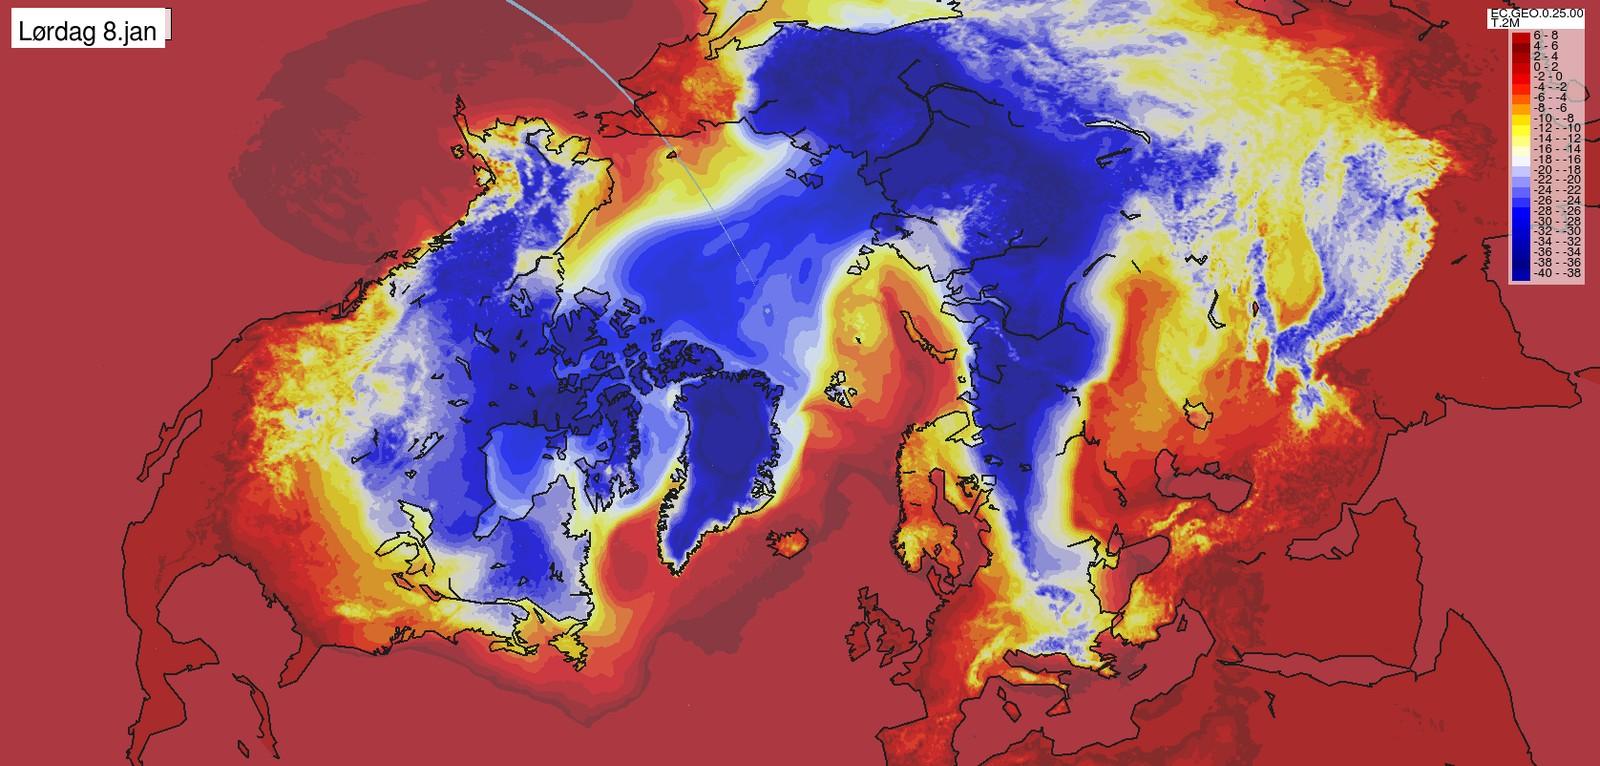 LØRDAG 8. JANUAR: Mildværet er tilbake og kulda ligger lenger mot øst. USA ligger fortsatt i fryseboksen.